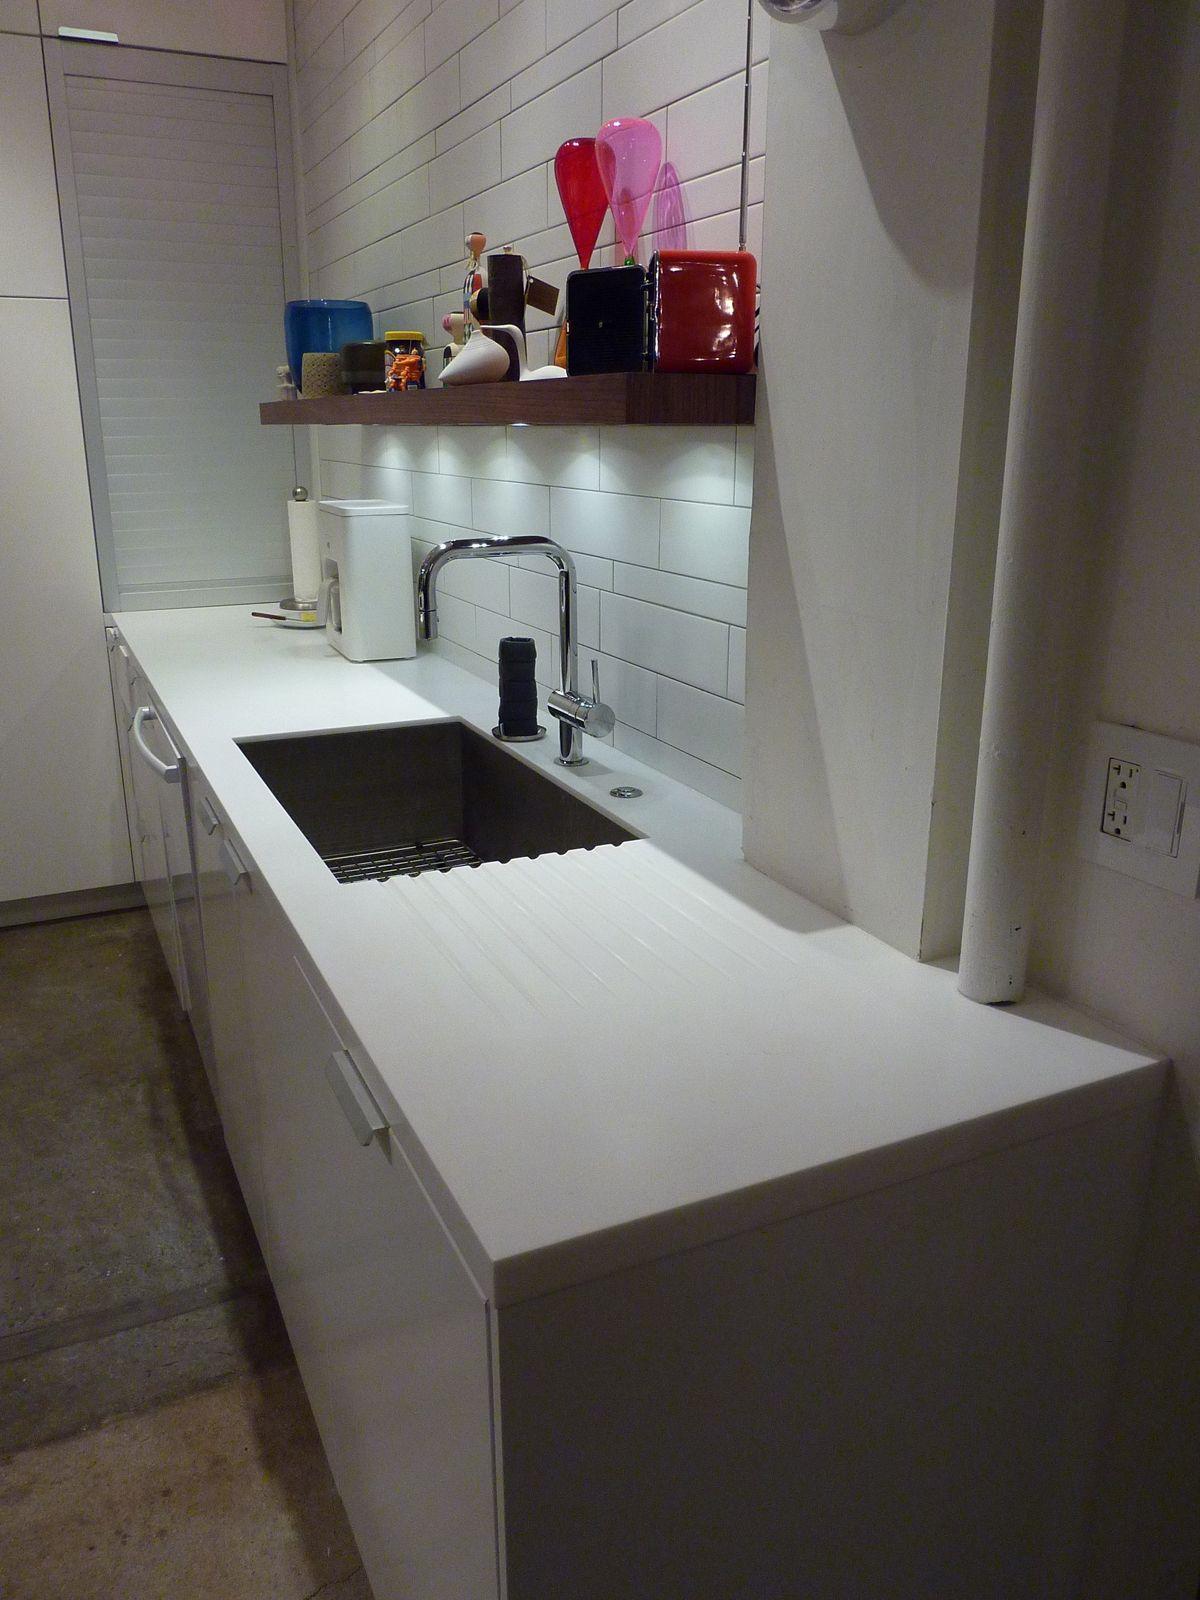 Benutzerdefinierte Kuche Waschbecken Countertops